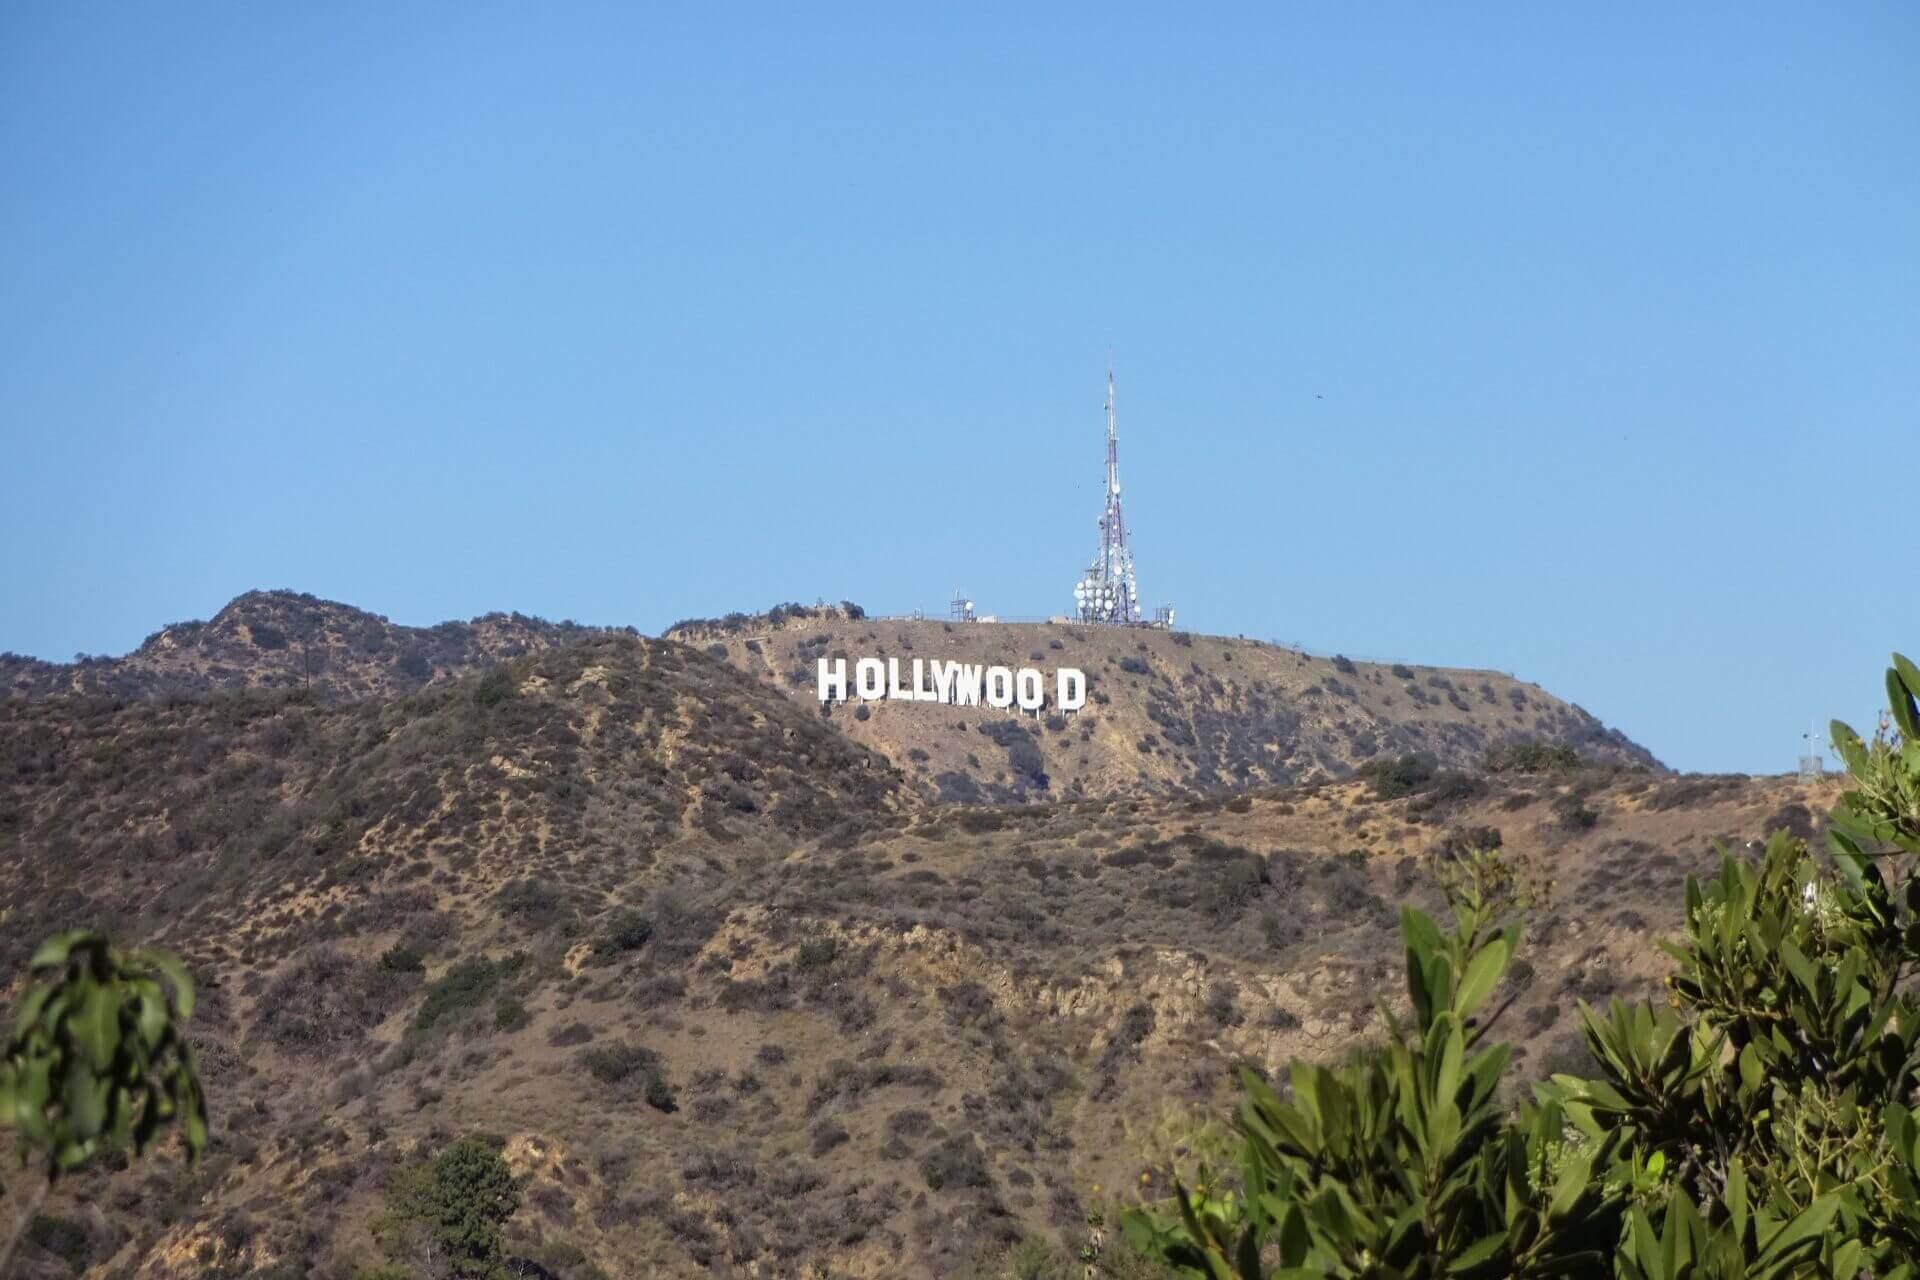 Hollywood Sign gesehen von den Hollywood Hills. Bilder und Eindrücke aus Los Angeles und Hollywood, Kalifornien, USA.